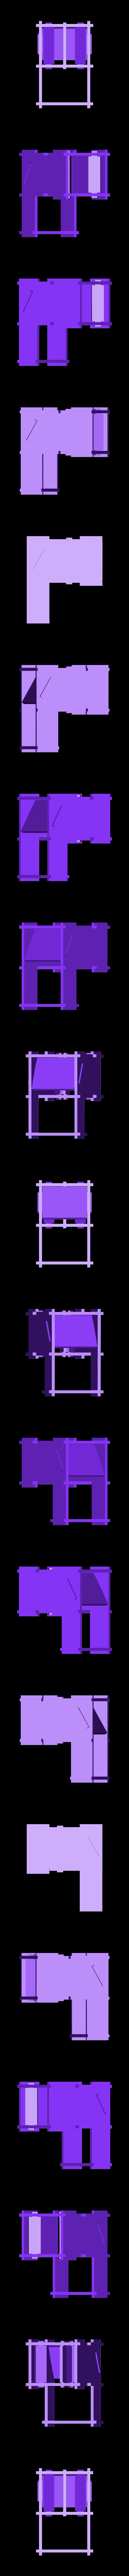 Mini-Dice-Tower.stl Télécharger fichier STL gratuit Tour Mini Dice • Objet pour impression 3D, Tramgonce